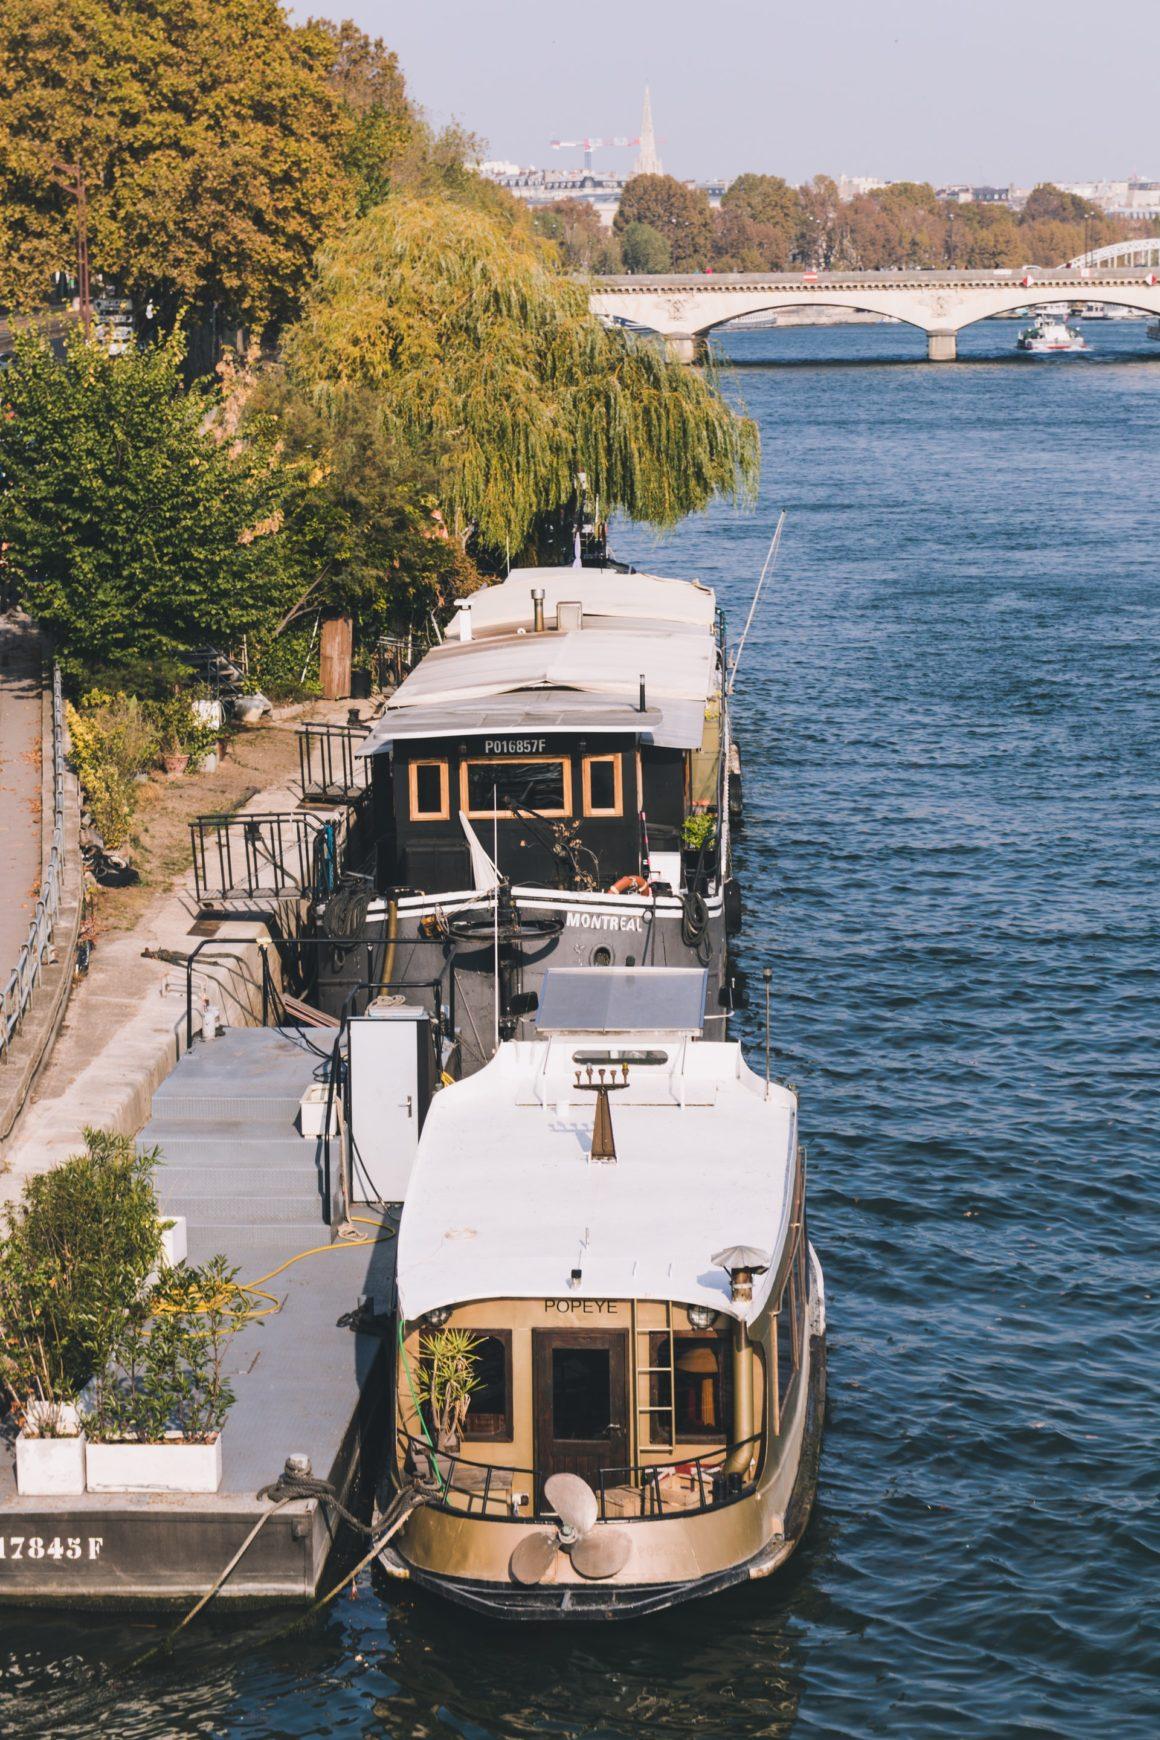 typ av båt: husbåt